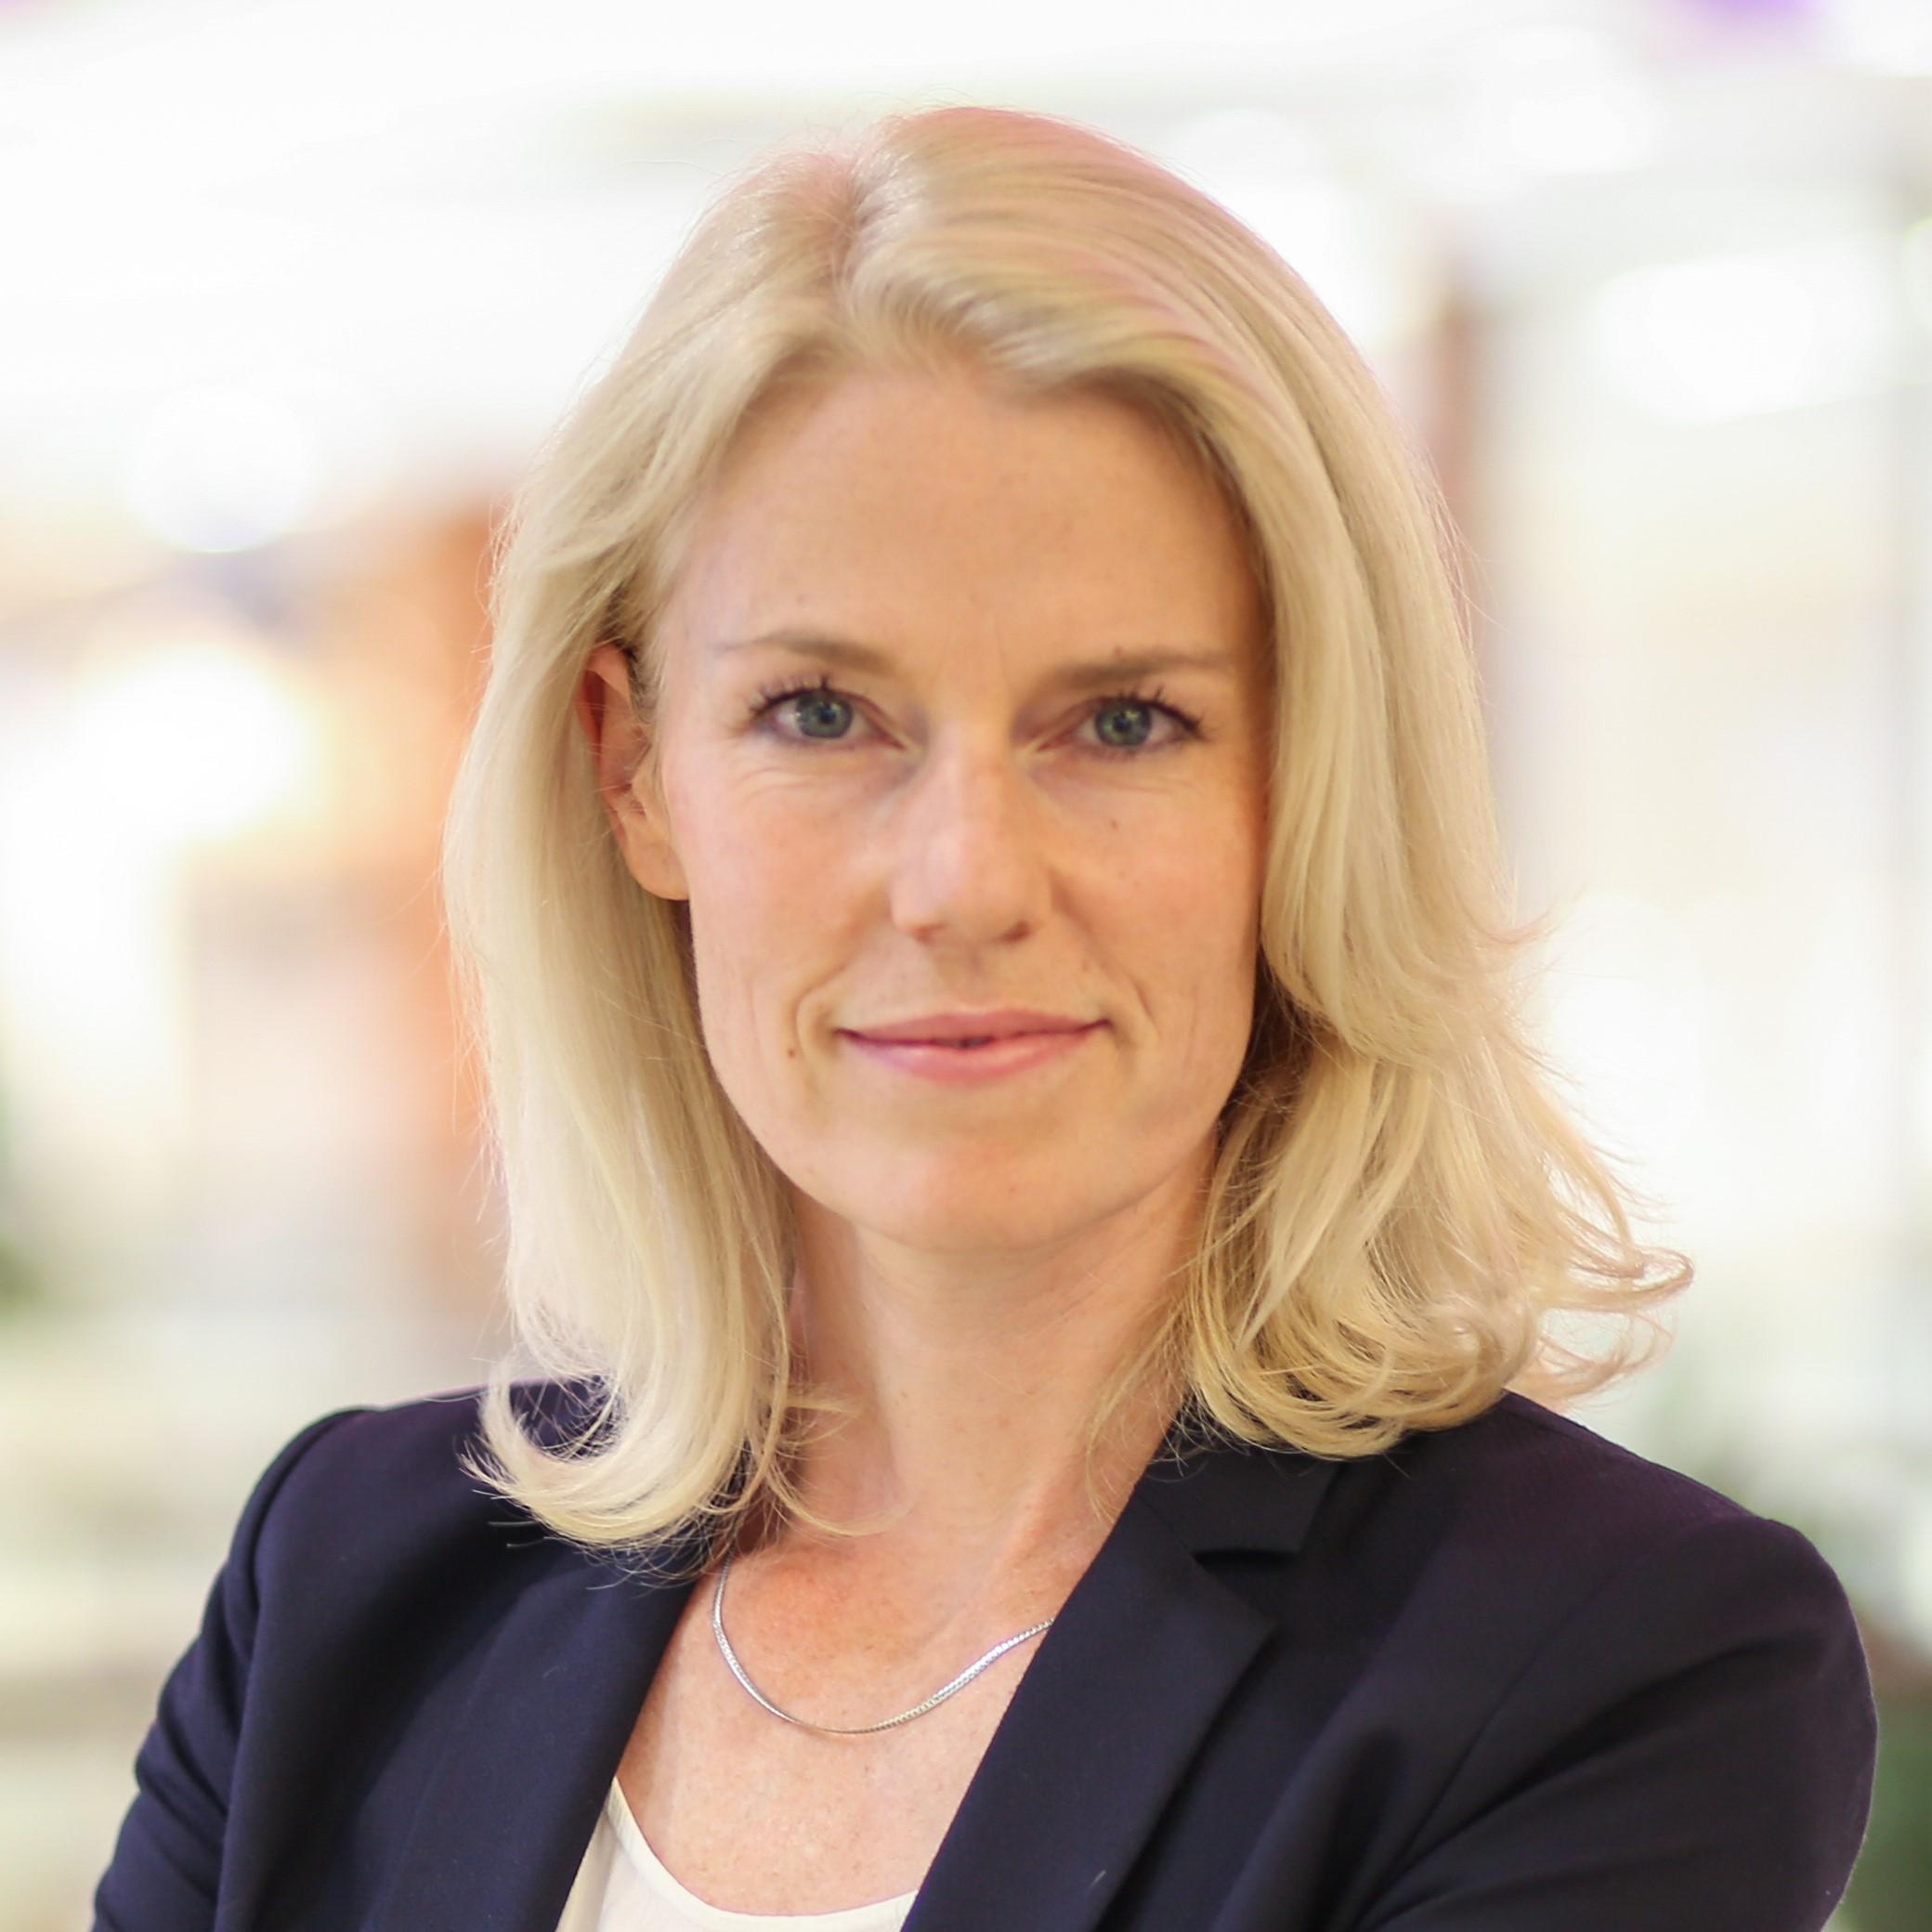 Susanne von der Heyden